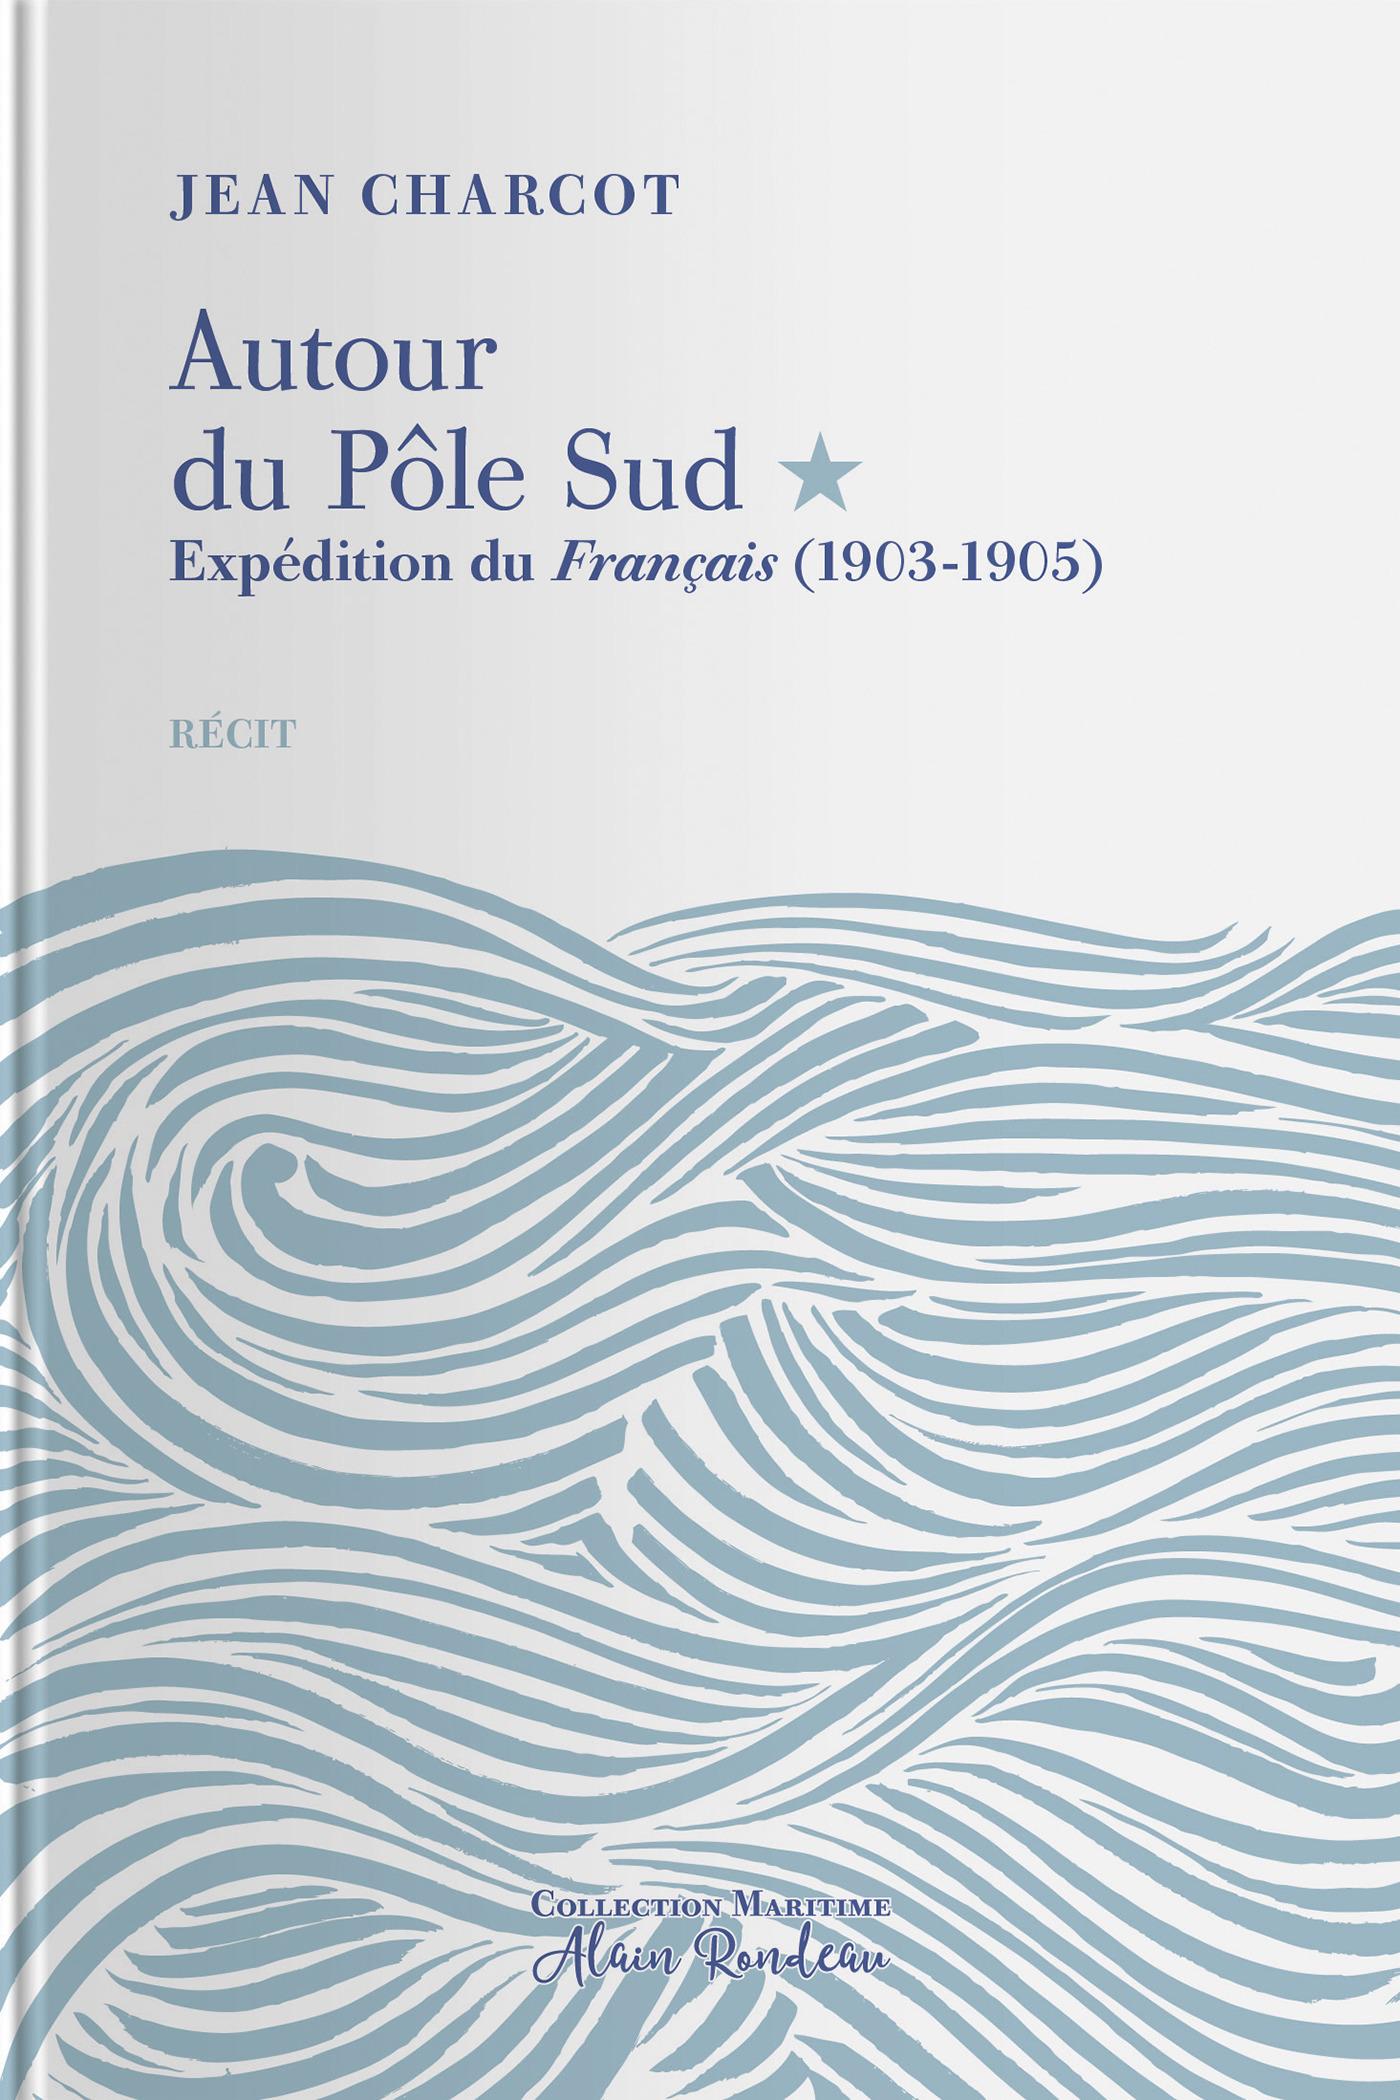 Autour du Pôle Sud ; expédition du Français (1903-1905)